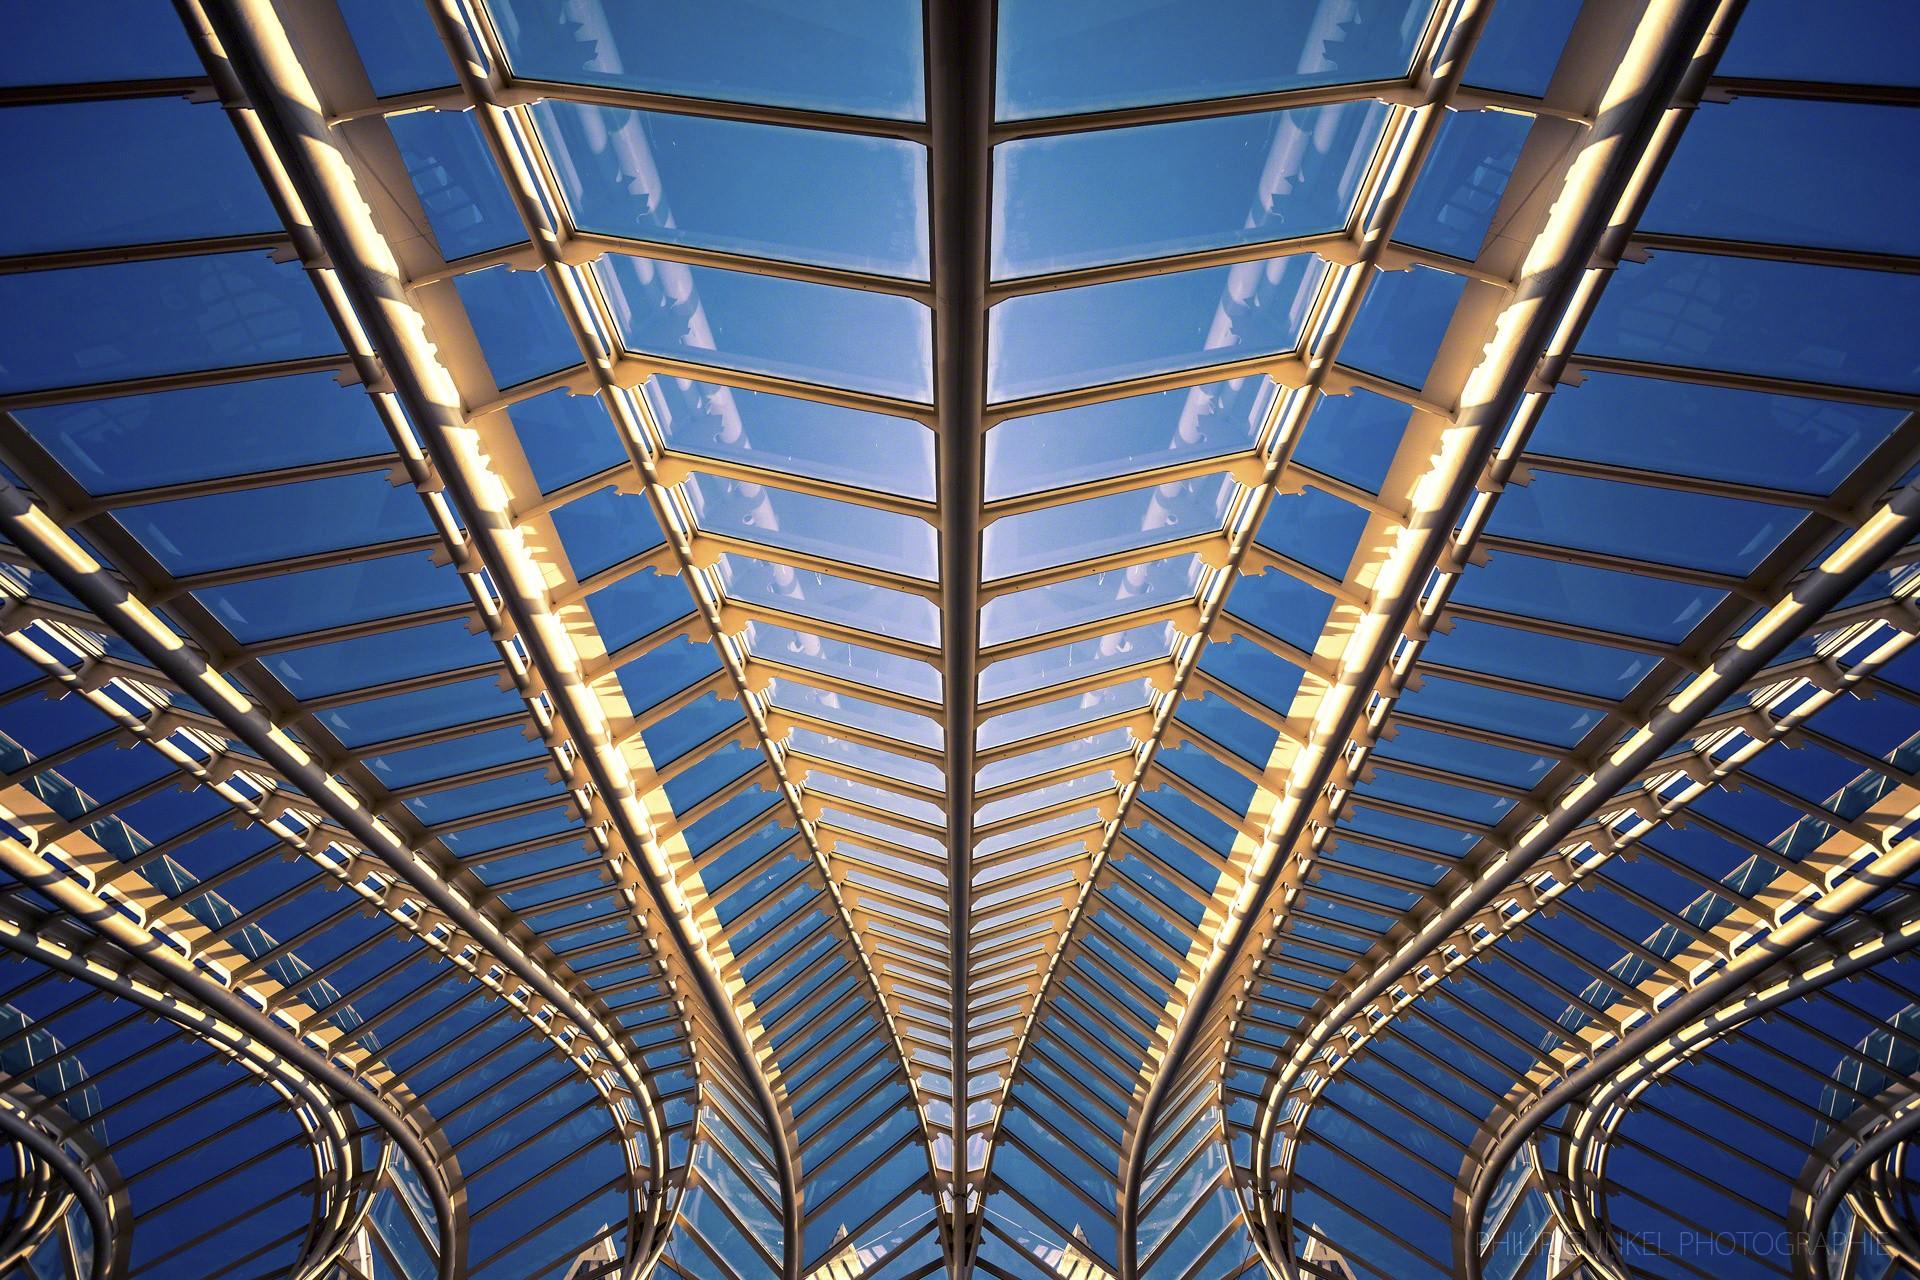 CAS_philip_gunkel_photographie_www.philipgunkel.de-25